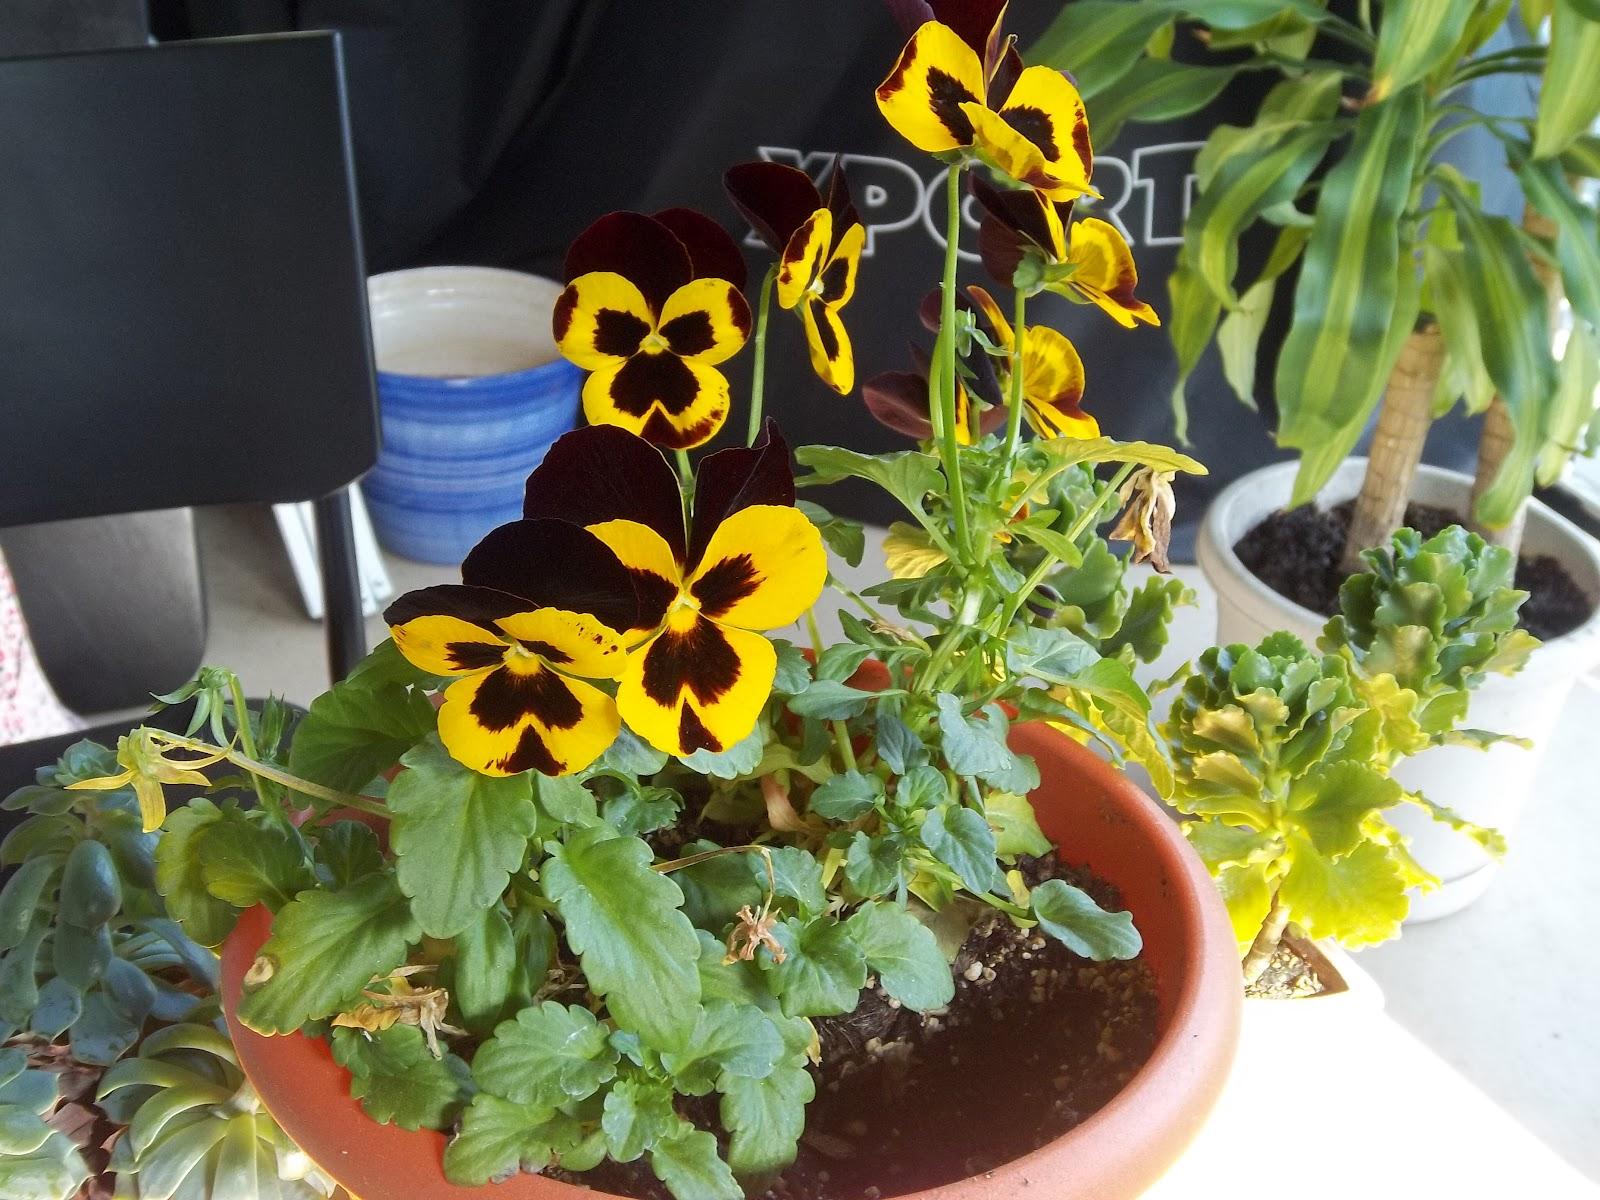 Ako sa vola tato kvetina